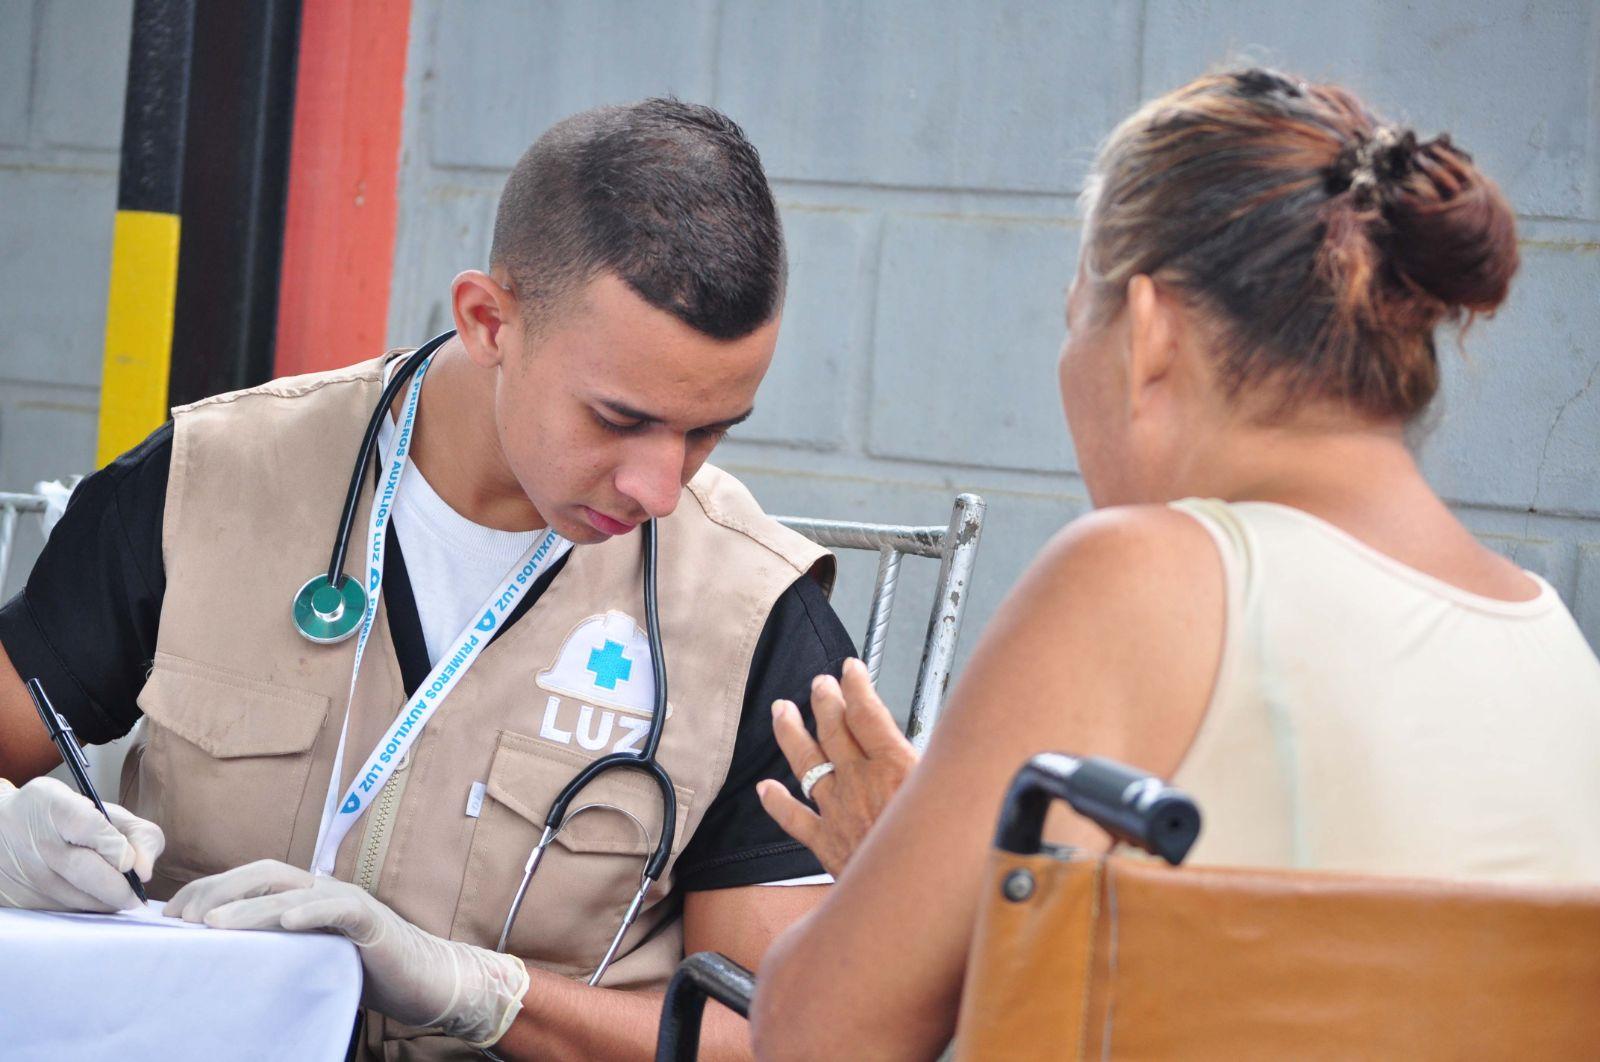 """Primeros Auxilios LUZ """"Dr. Paúl Moreno"""", la brigada zuliana convertida en puente humanitario"""